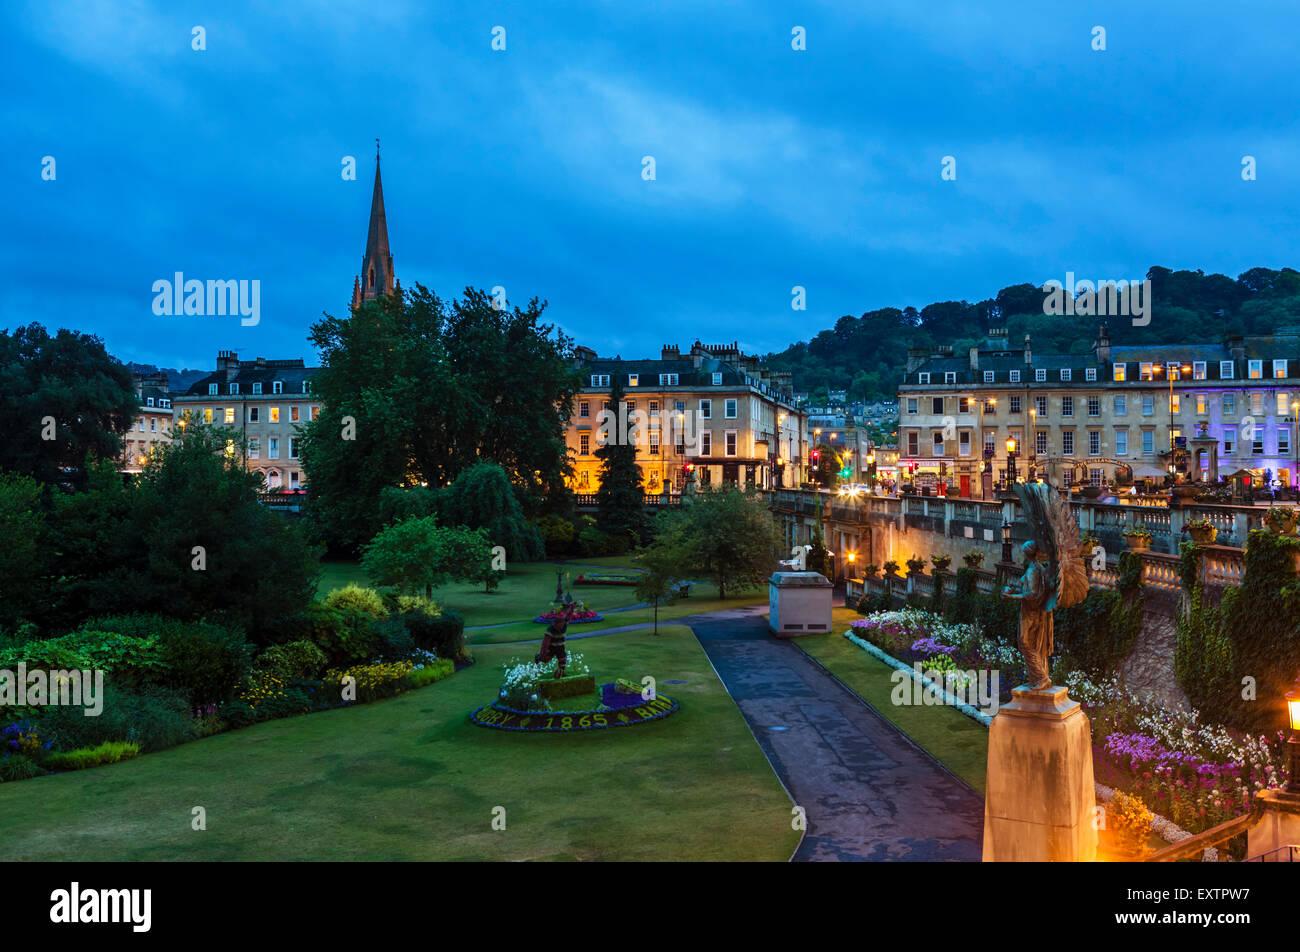 Nachtaufnahme von Parade Gardens in der historischen Altstadt, Bath, Somerset, England, UK Stockbild